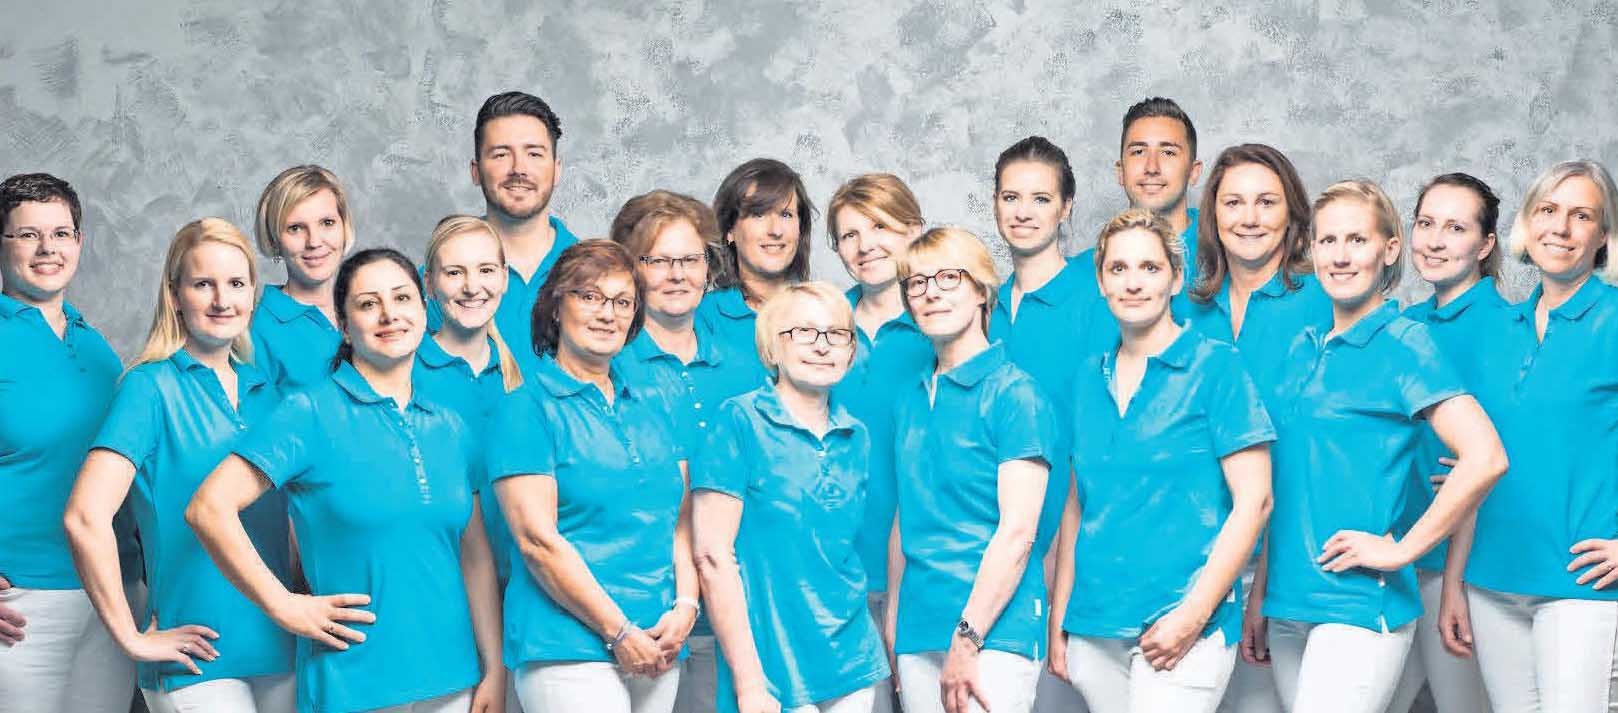 Das kompetente Team des Podologie Zentrums Behrens steht Patienten mit den individuell passenden Behandlungsmethoden zur Seite.